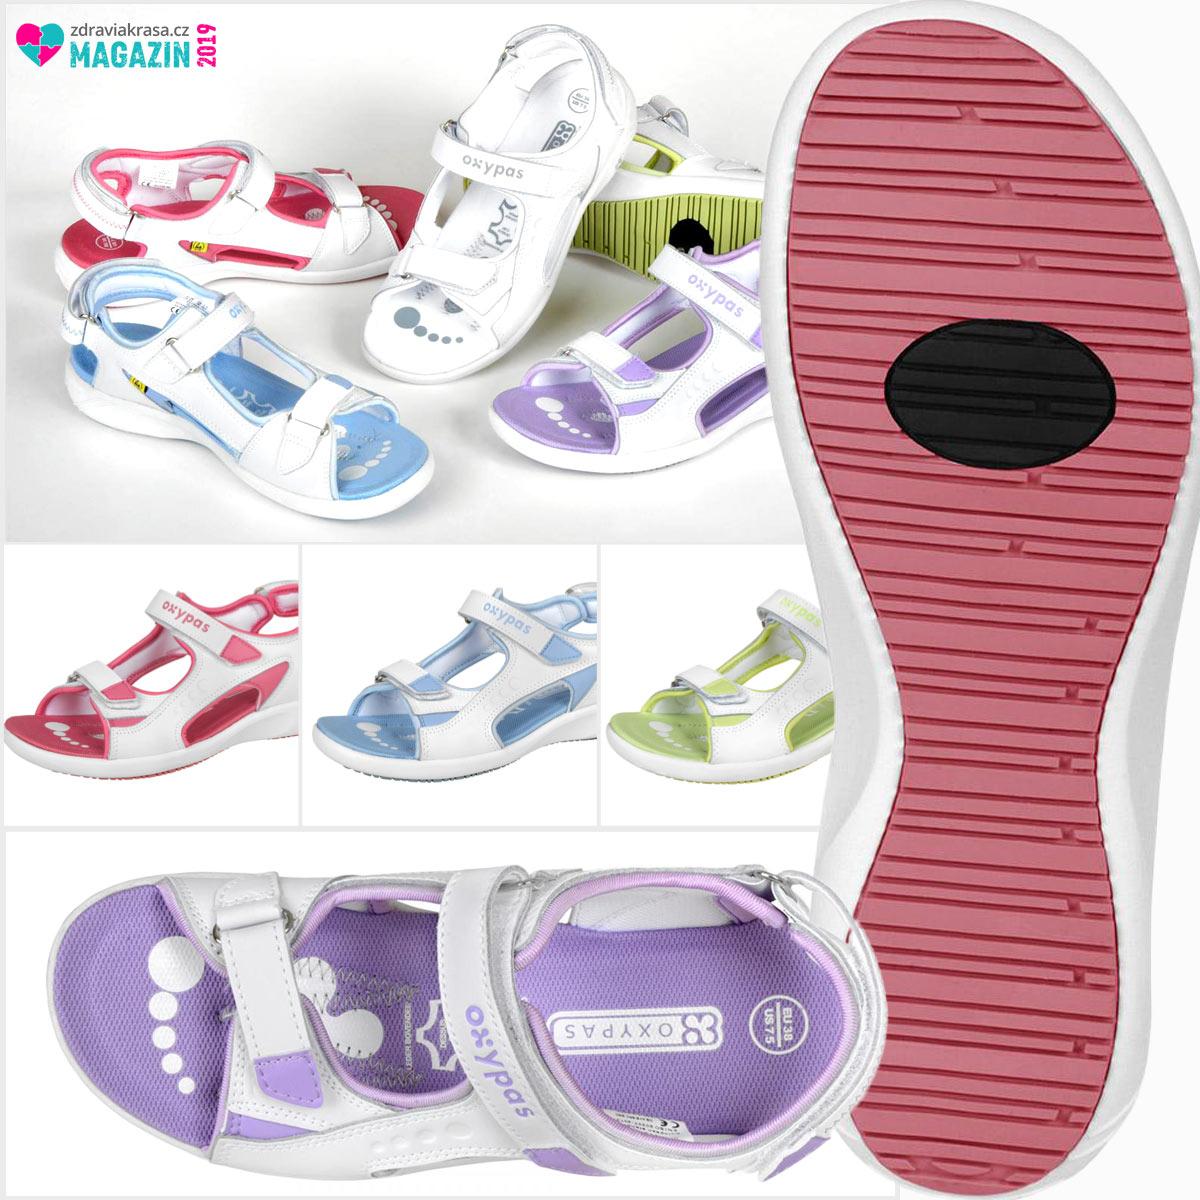 Správné obutí pro různé činnosti se liší.